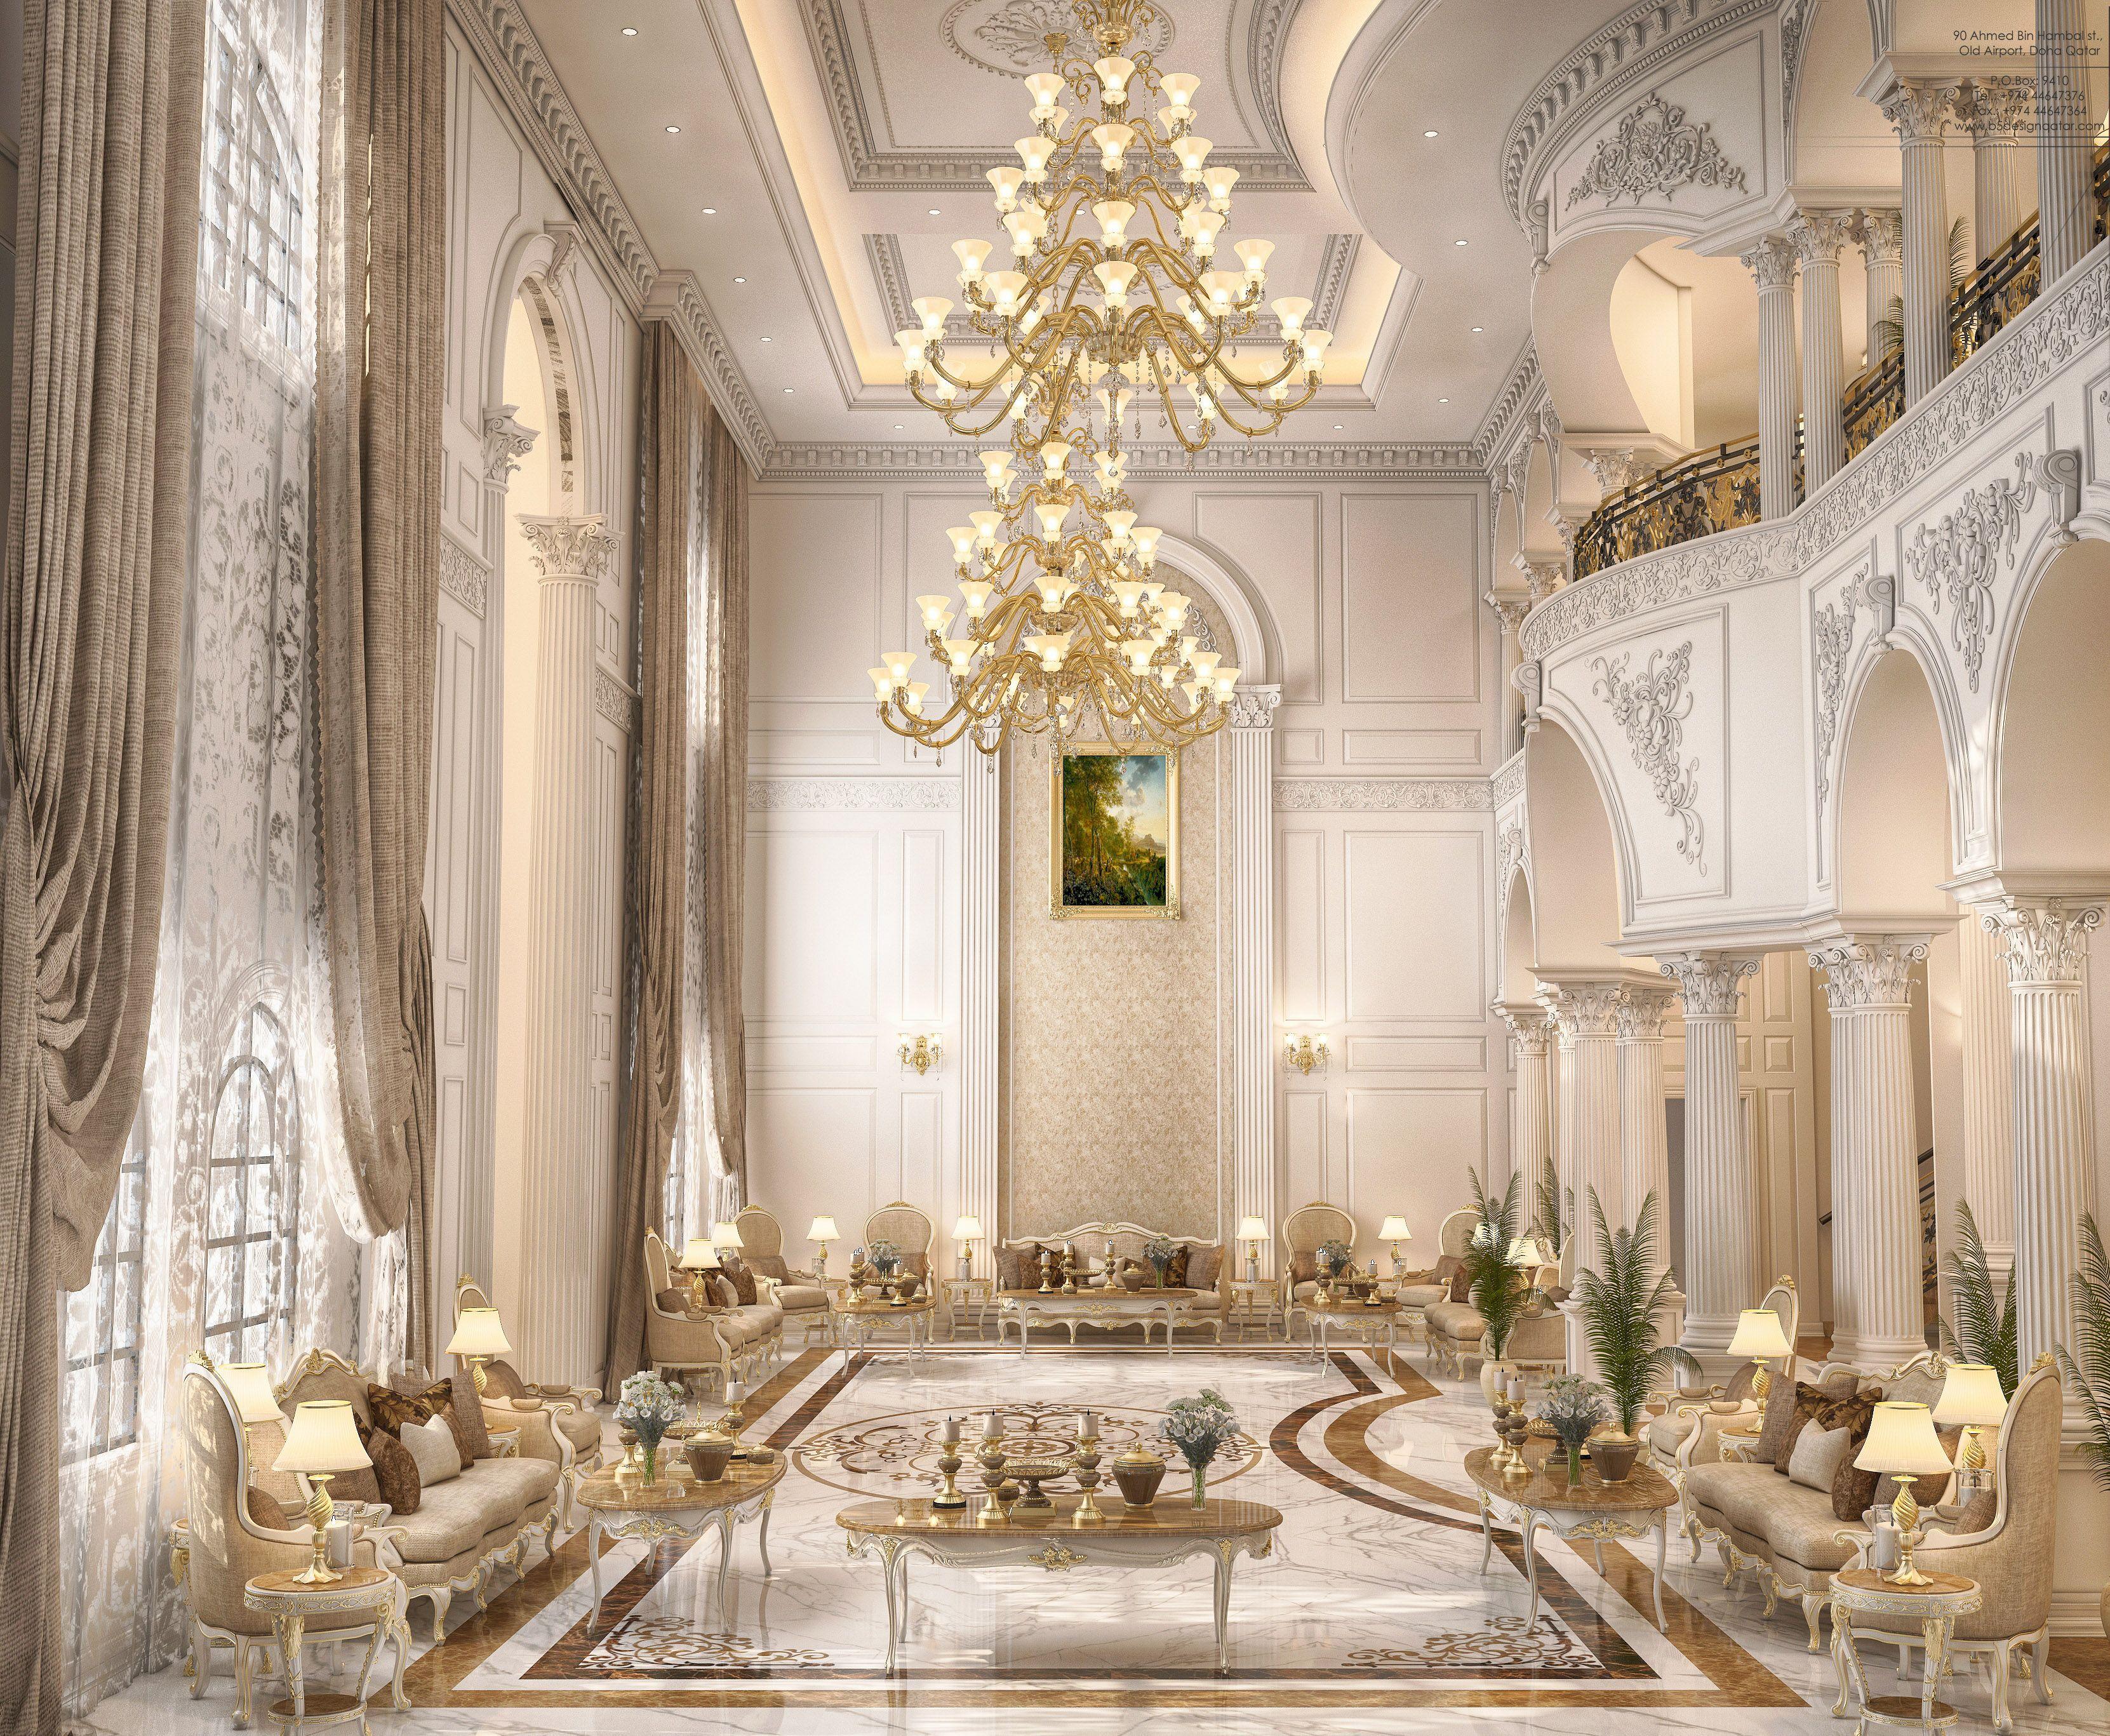 Main Hall design for a private villa